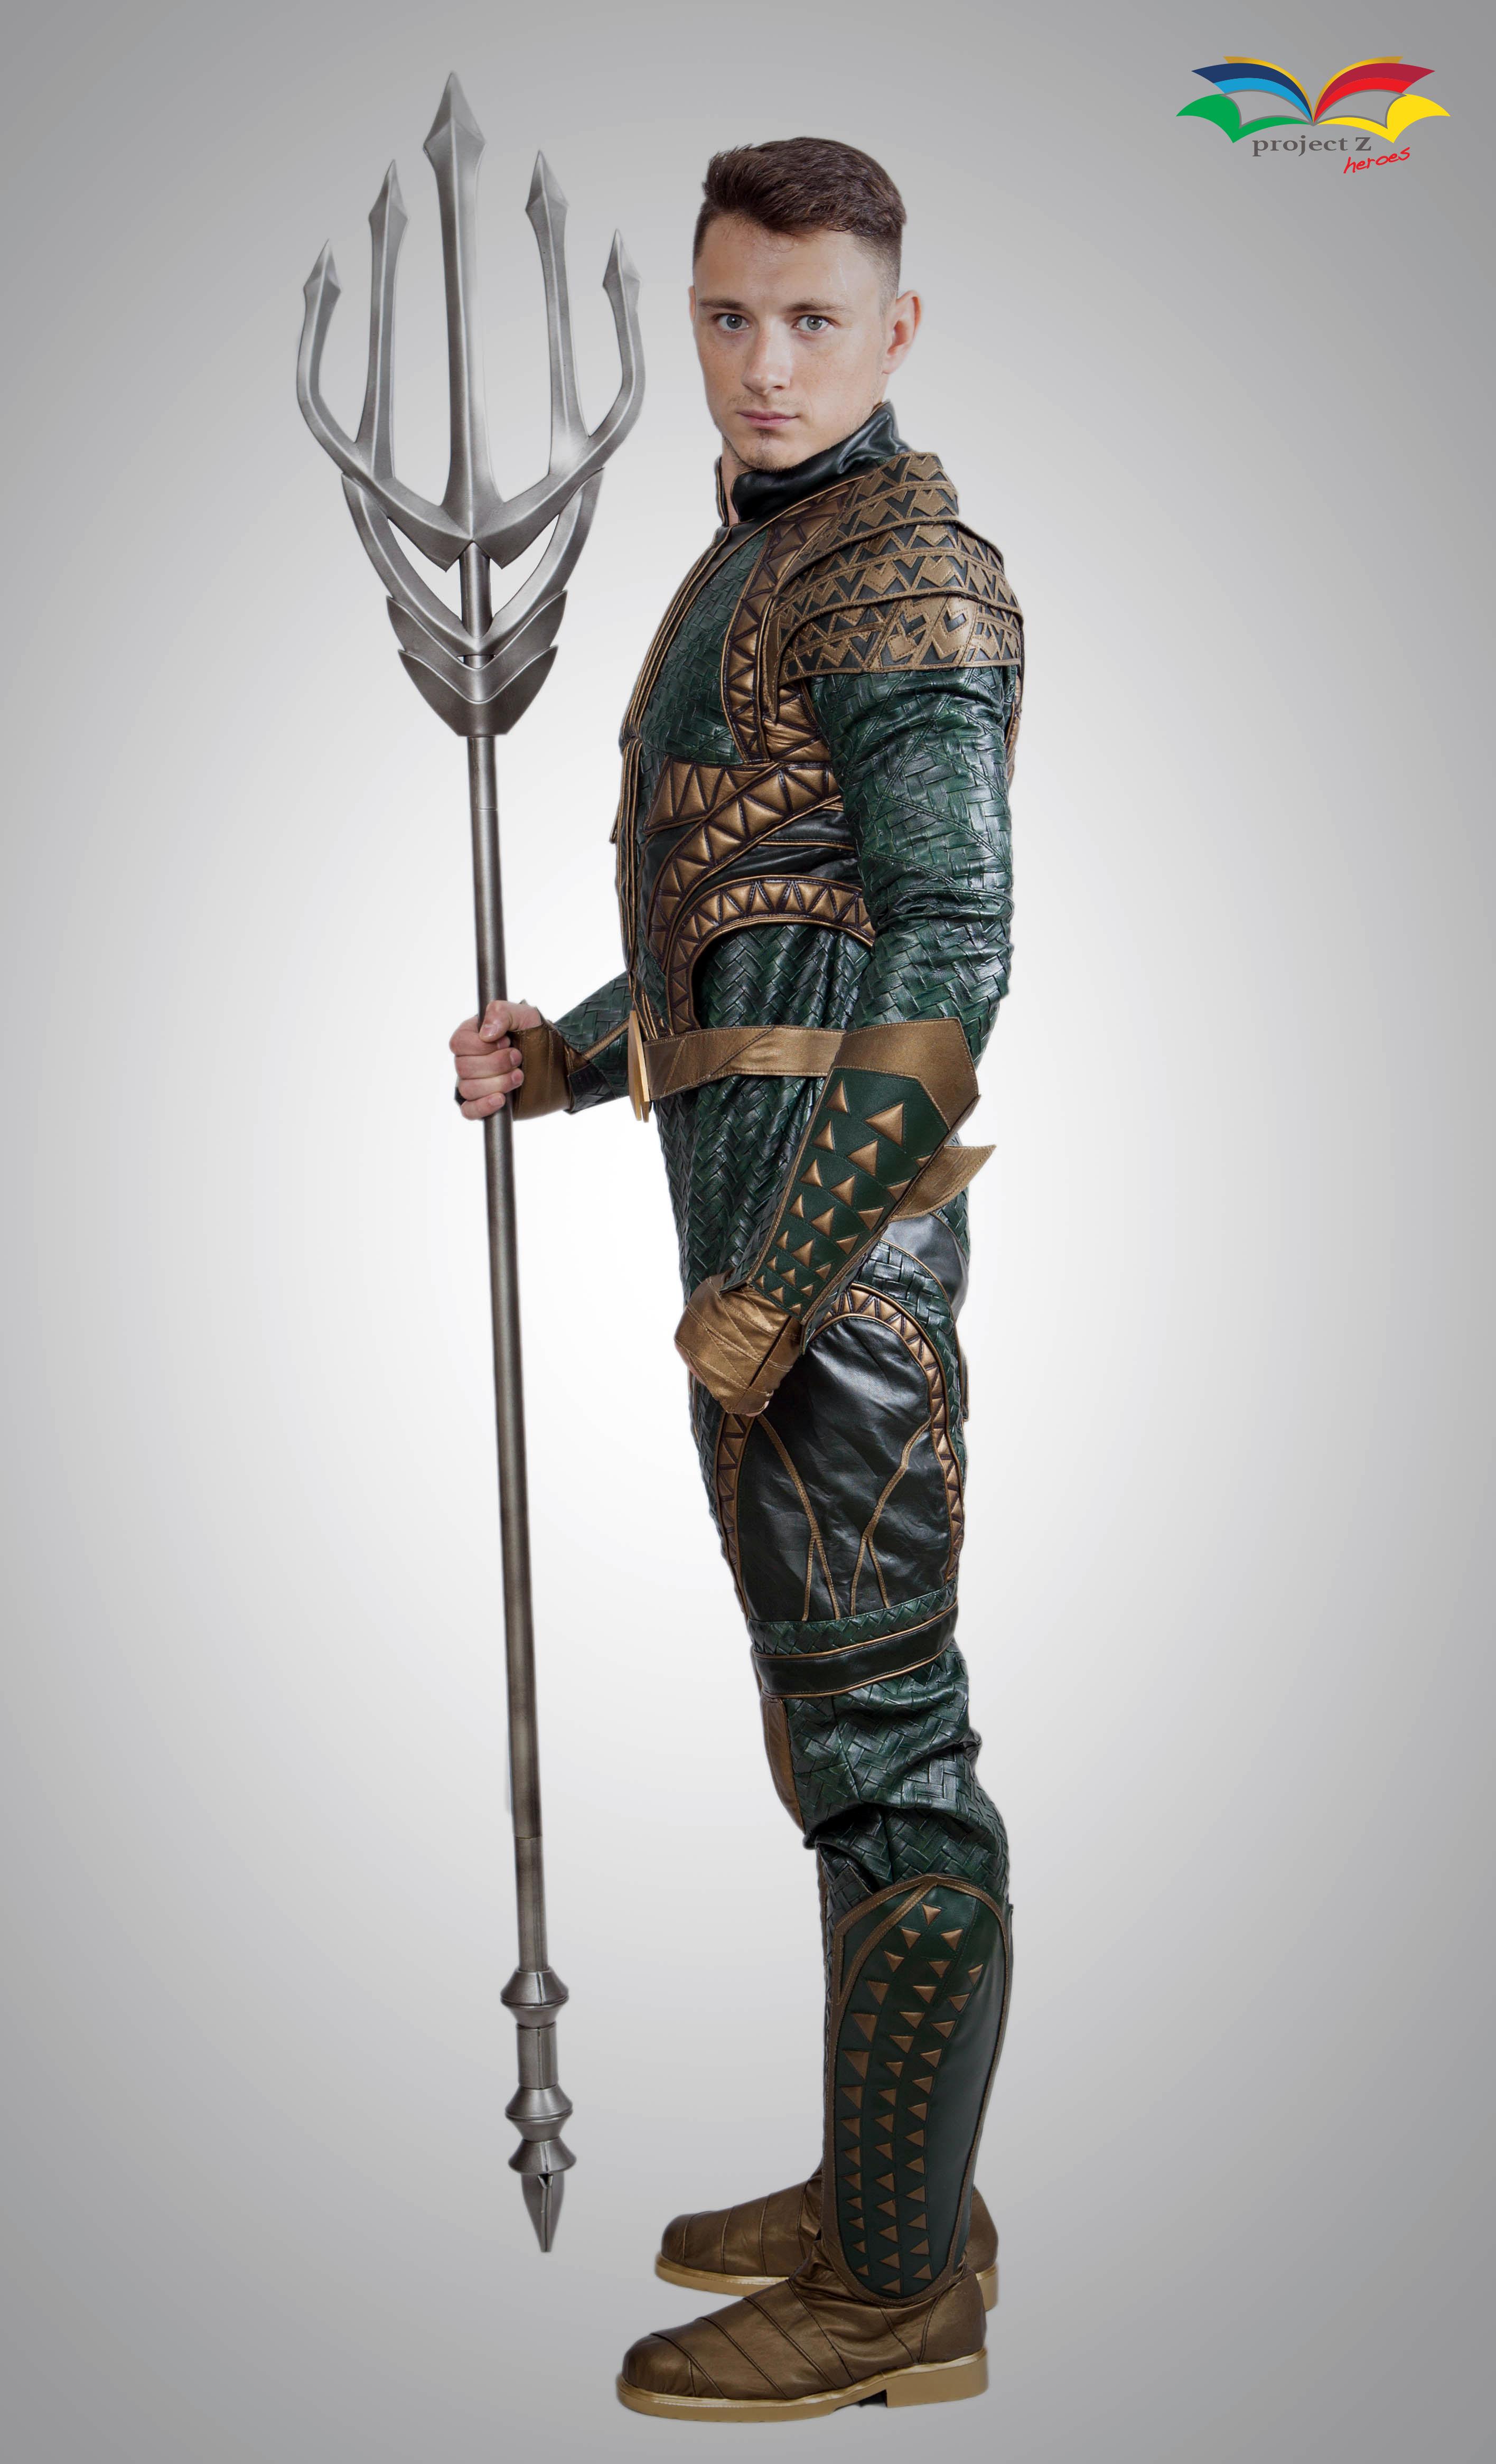 Aquaman costume sideway